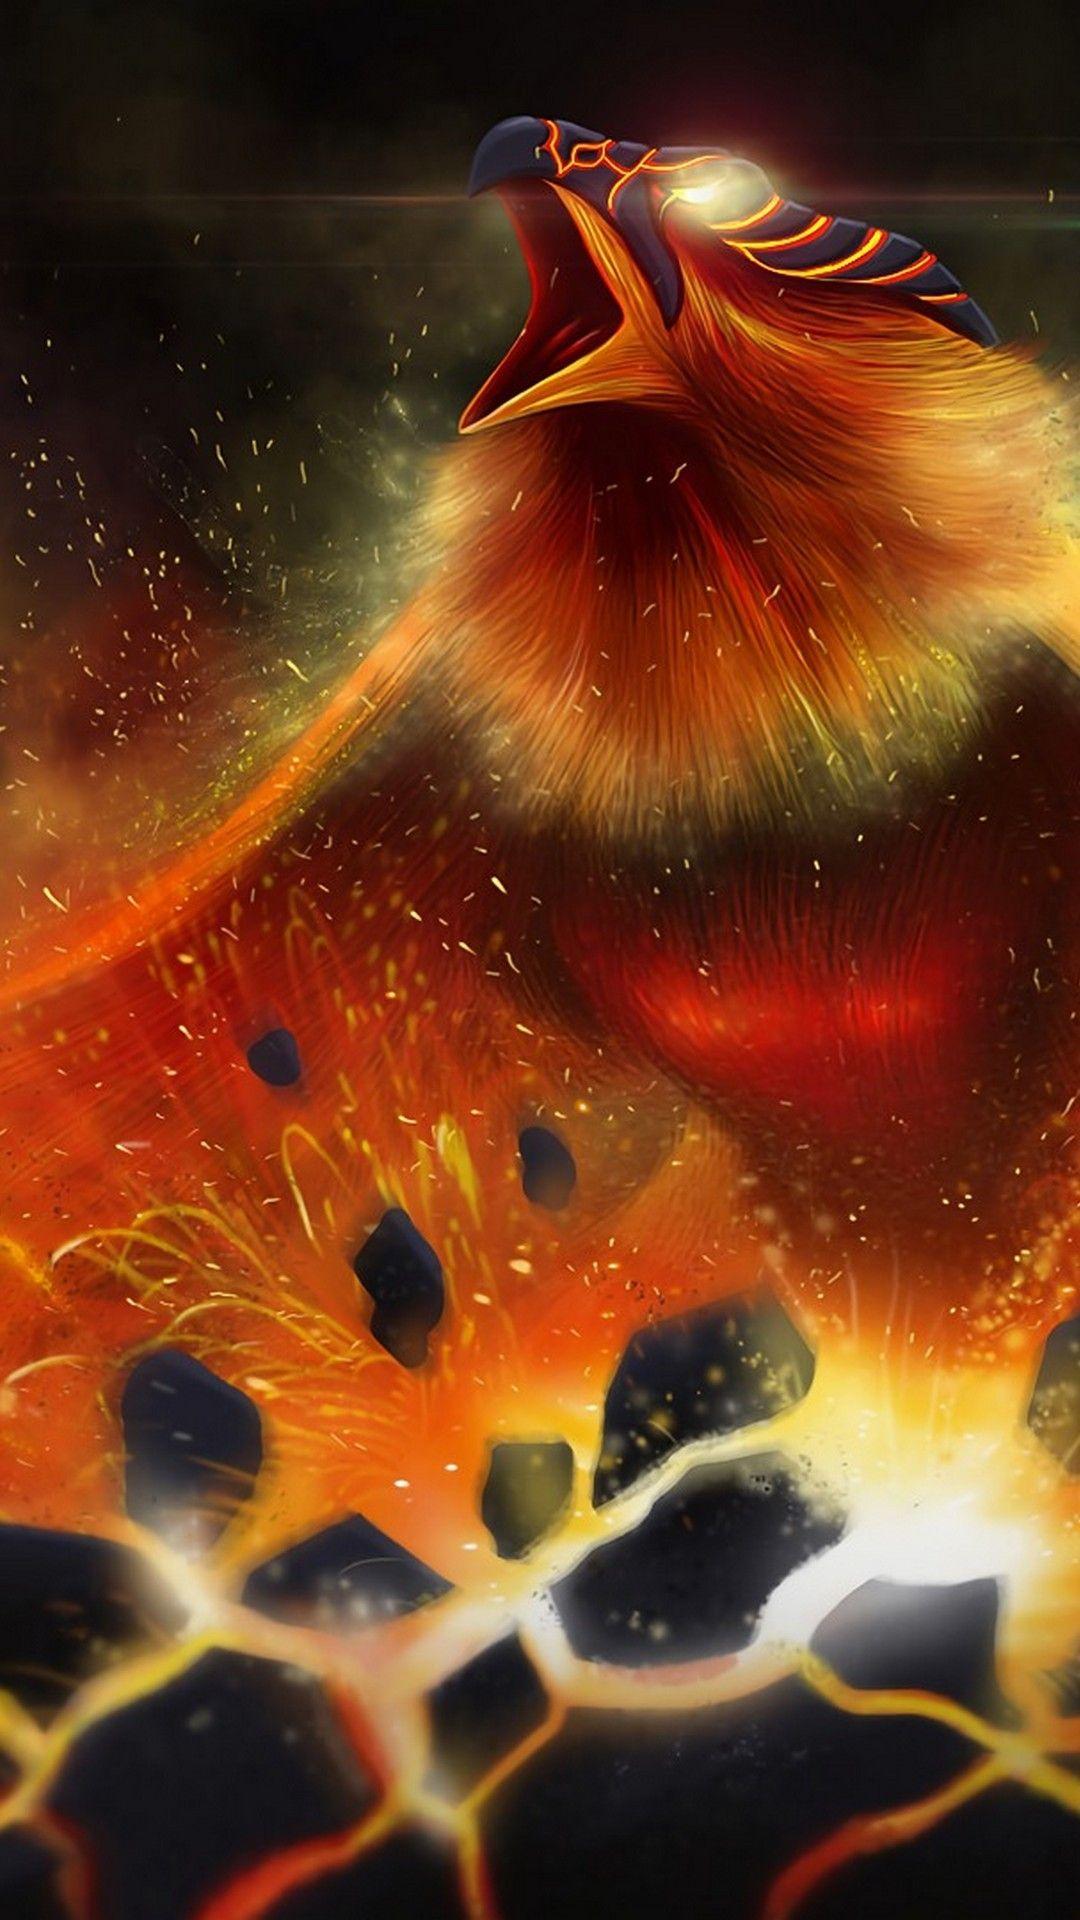 Dark Phoenix Wallpaper For Iphone Iphonewallpapers